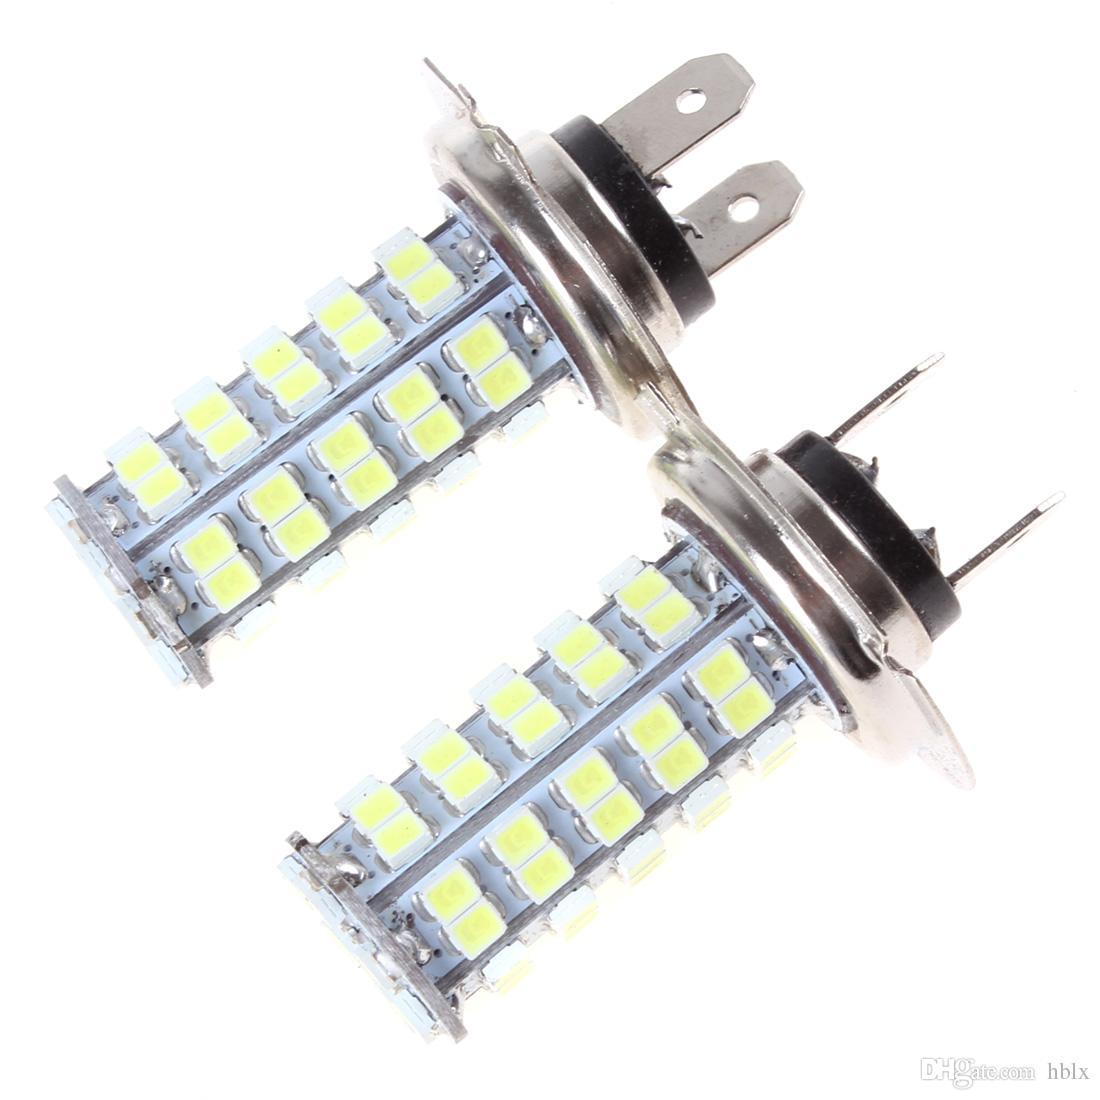 DC 12 В H7 автомобиля противотуманные фары яркий светильник с 68 SMD LED ксеноновые белые лампы CEC_413